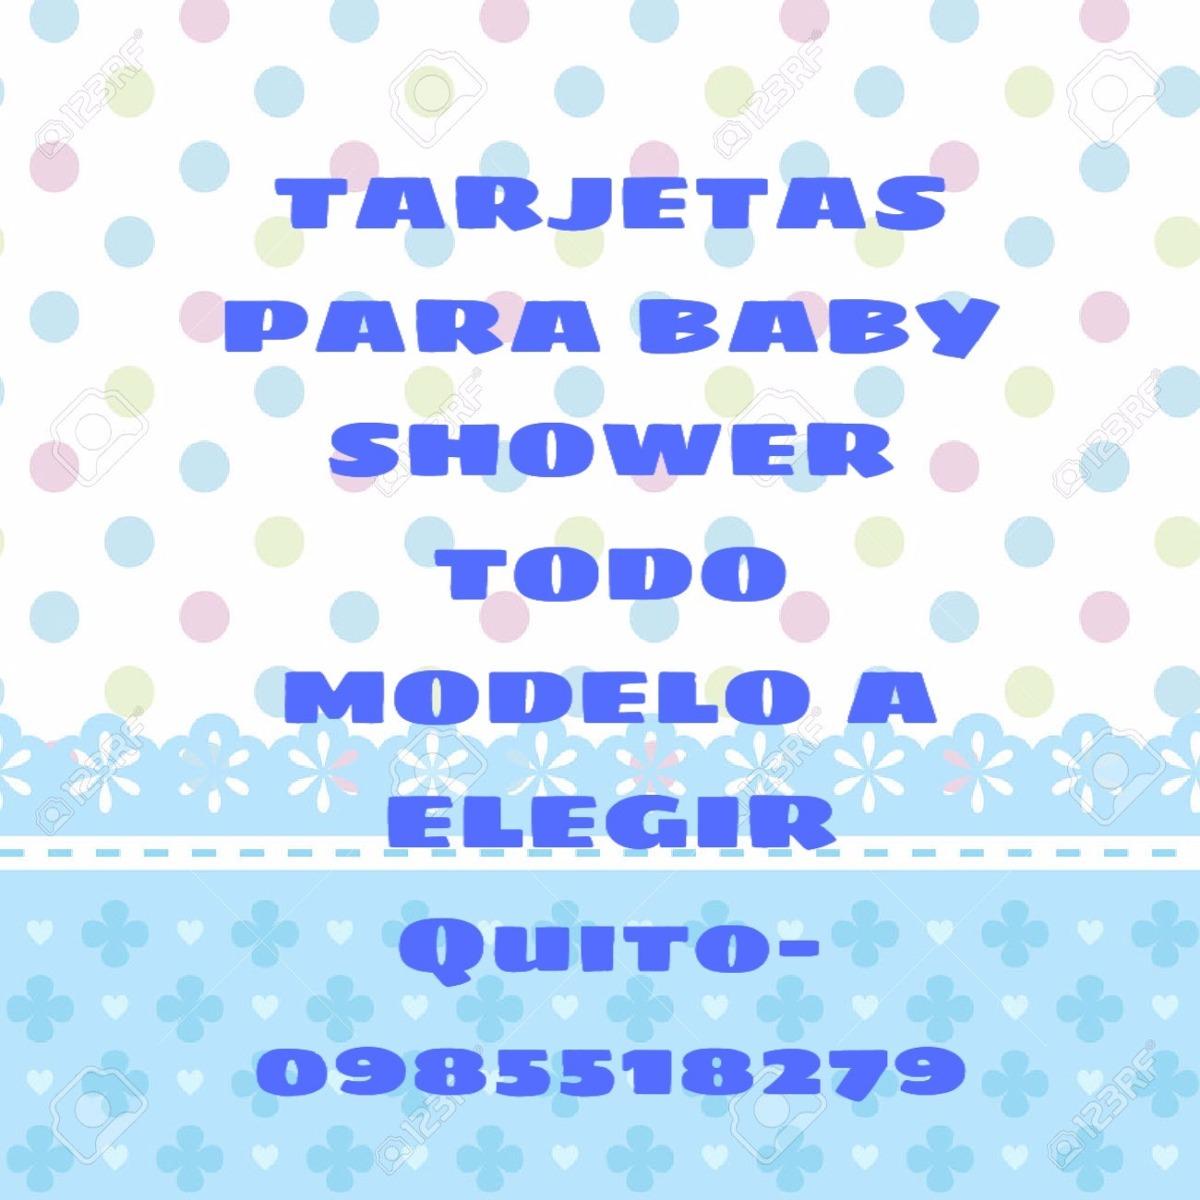 Tarjetas De Invitación Para Bautizo En Quito